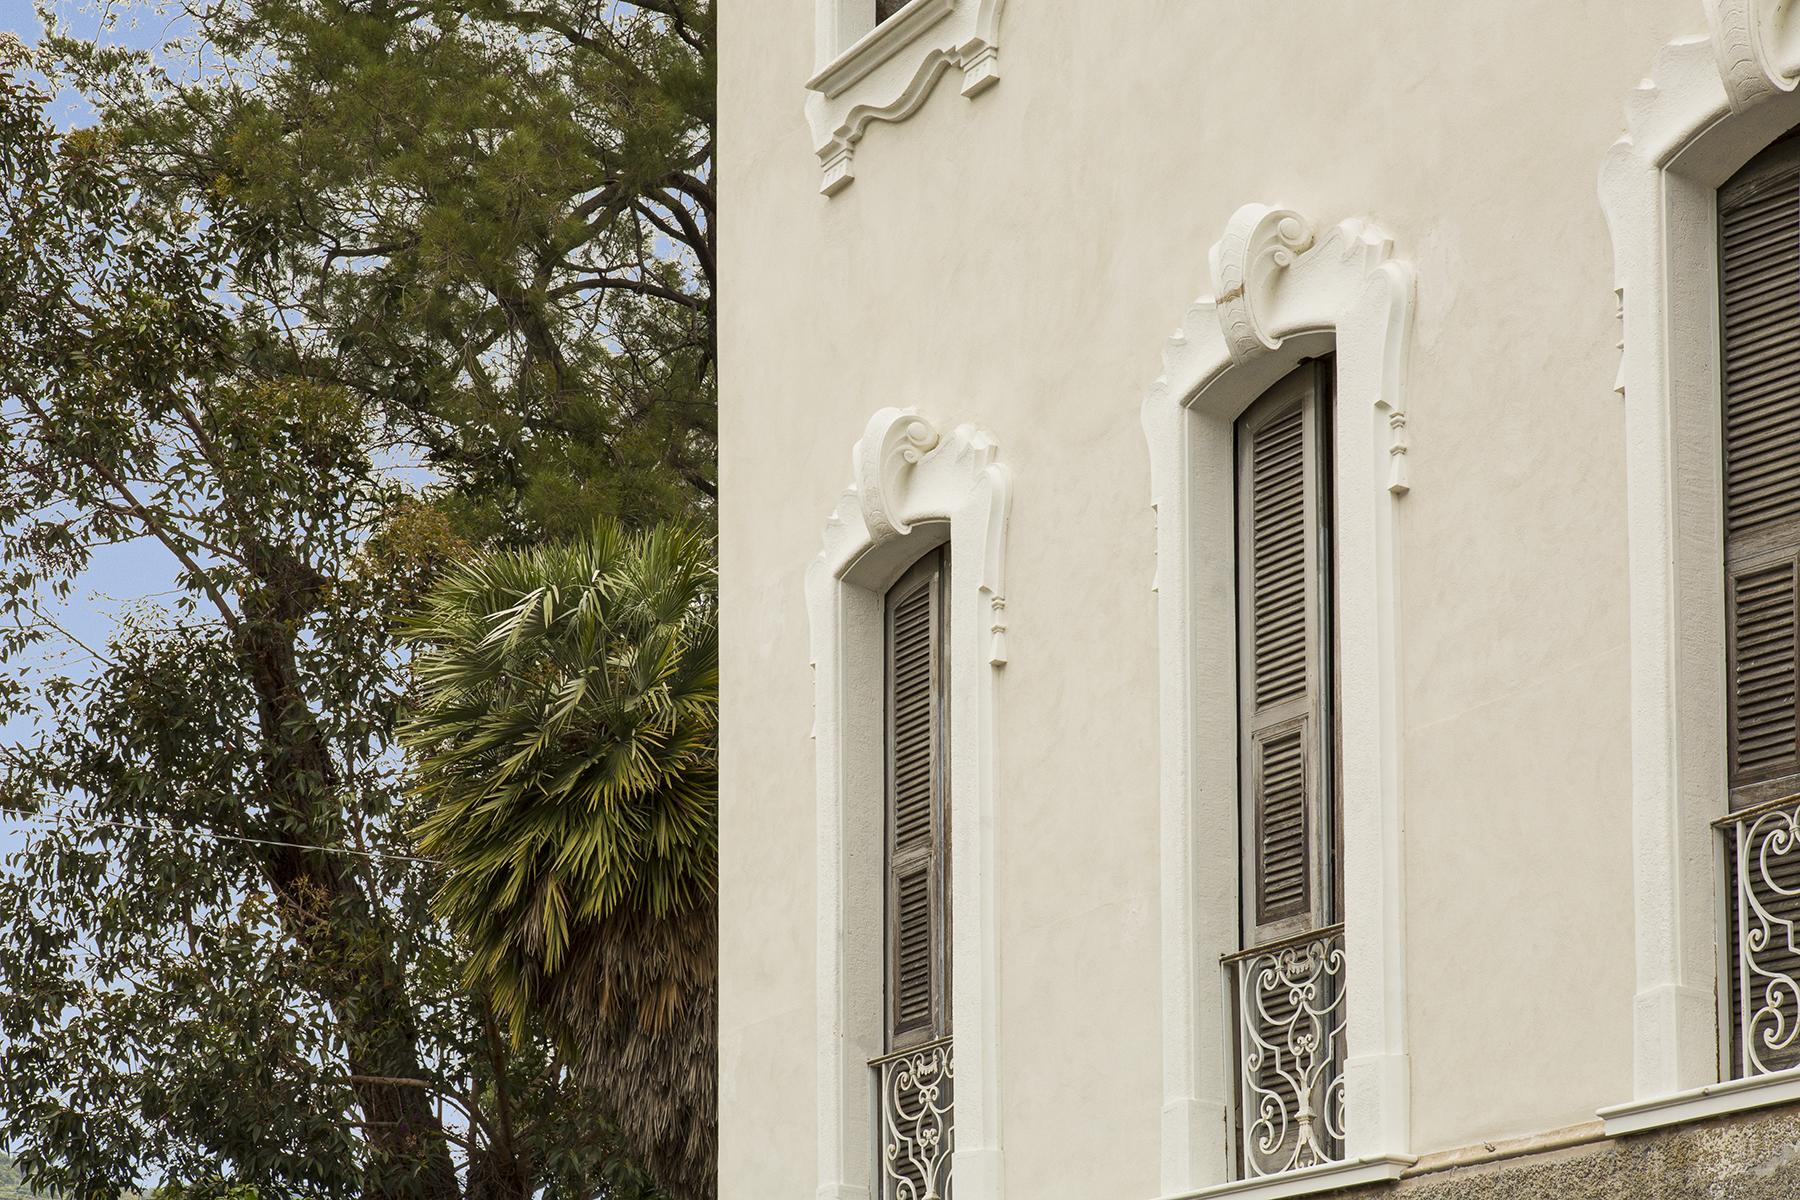 Maison unifamiliale pour l Vente à Liberty style Villa in Sanremo Corso degli Inglesi Sanremo, Imperia 18038 Italie